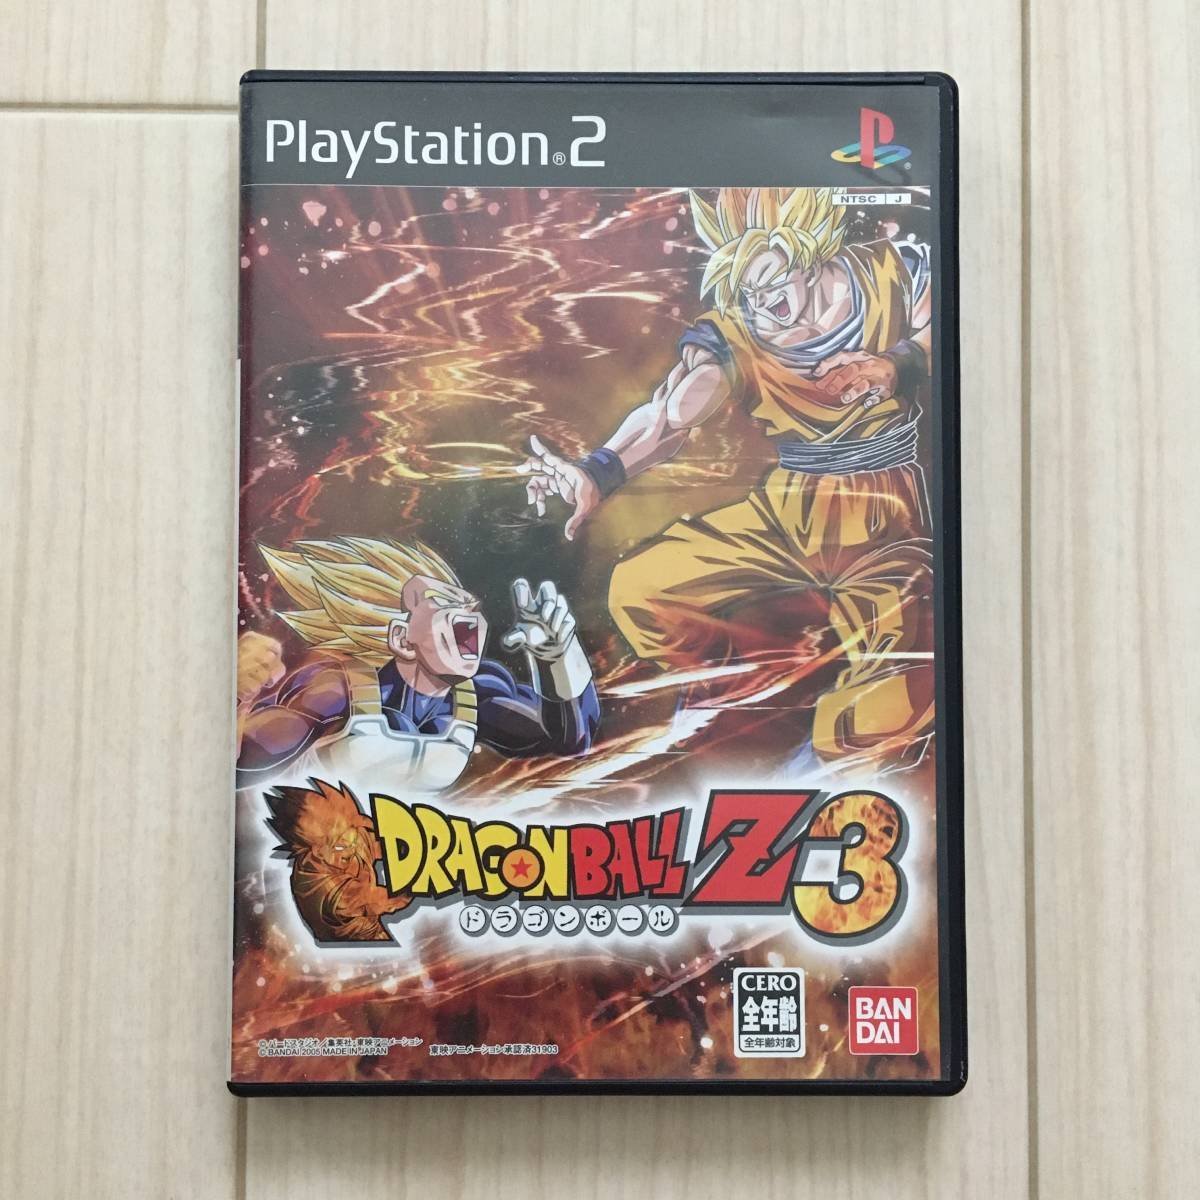 ドラゴンボールZ3 PS2ソフト プレステ2ソフト_画像1